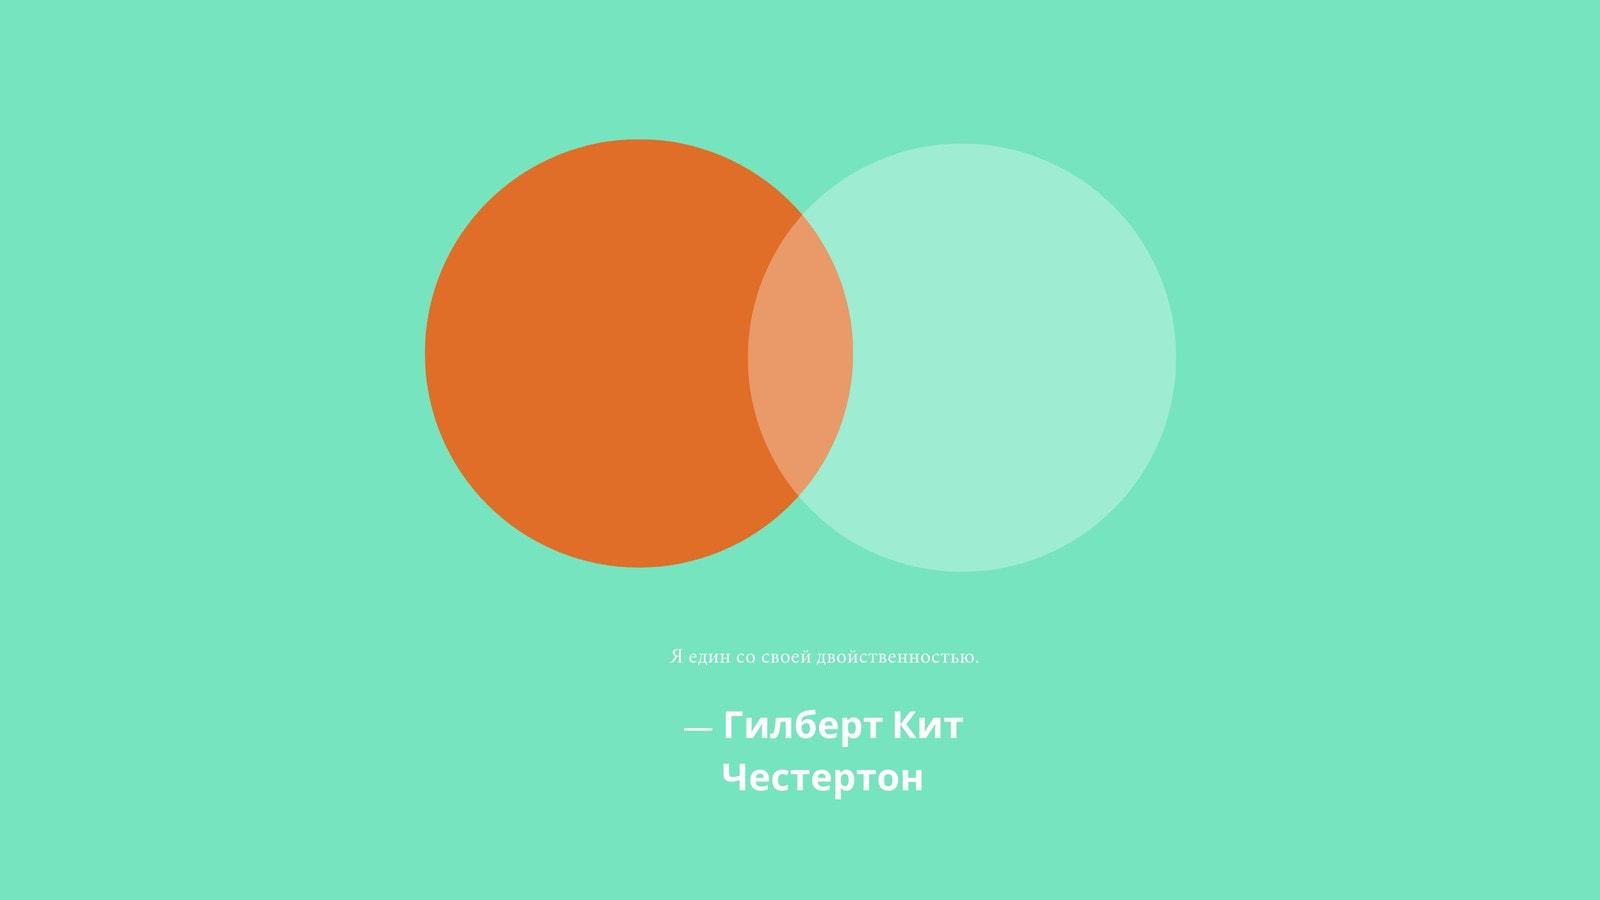 Зеленый Круг Философия Двойственность Креативный Рабочий Стол Обои